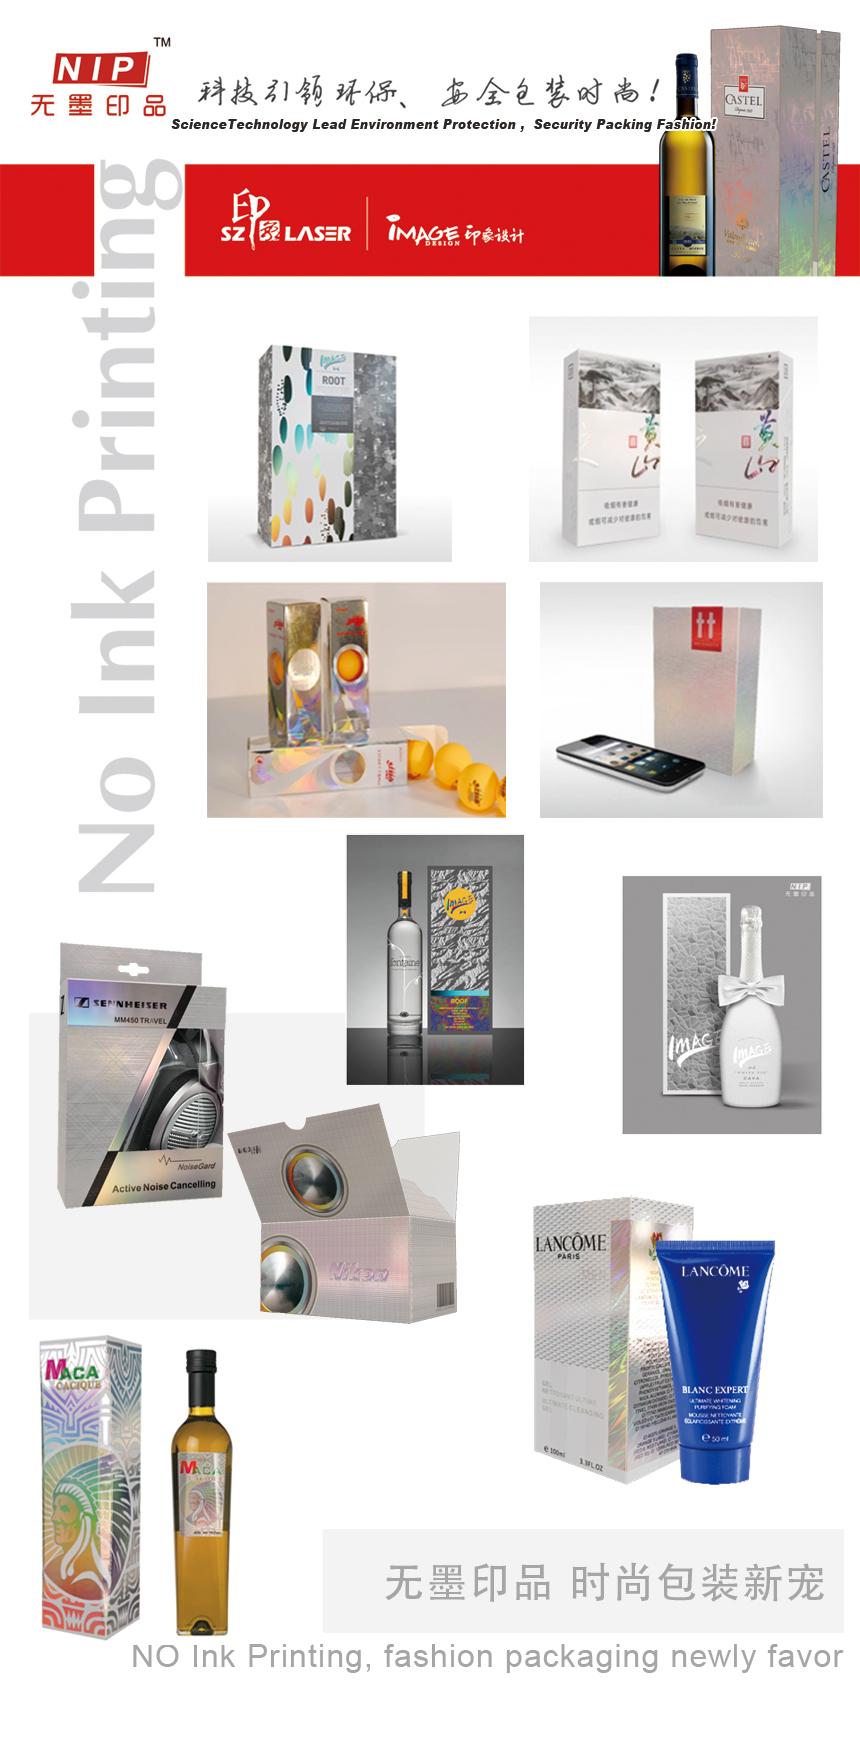 NIP packaging boxes Show- Suzhou Image